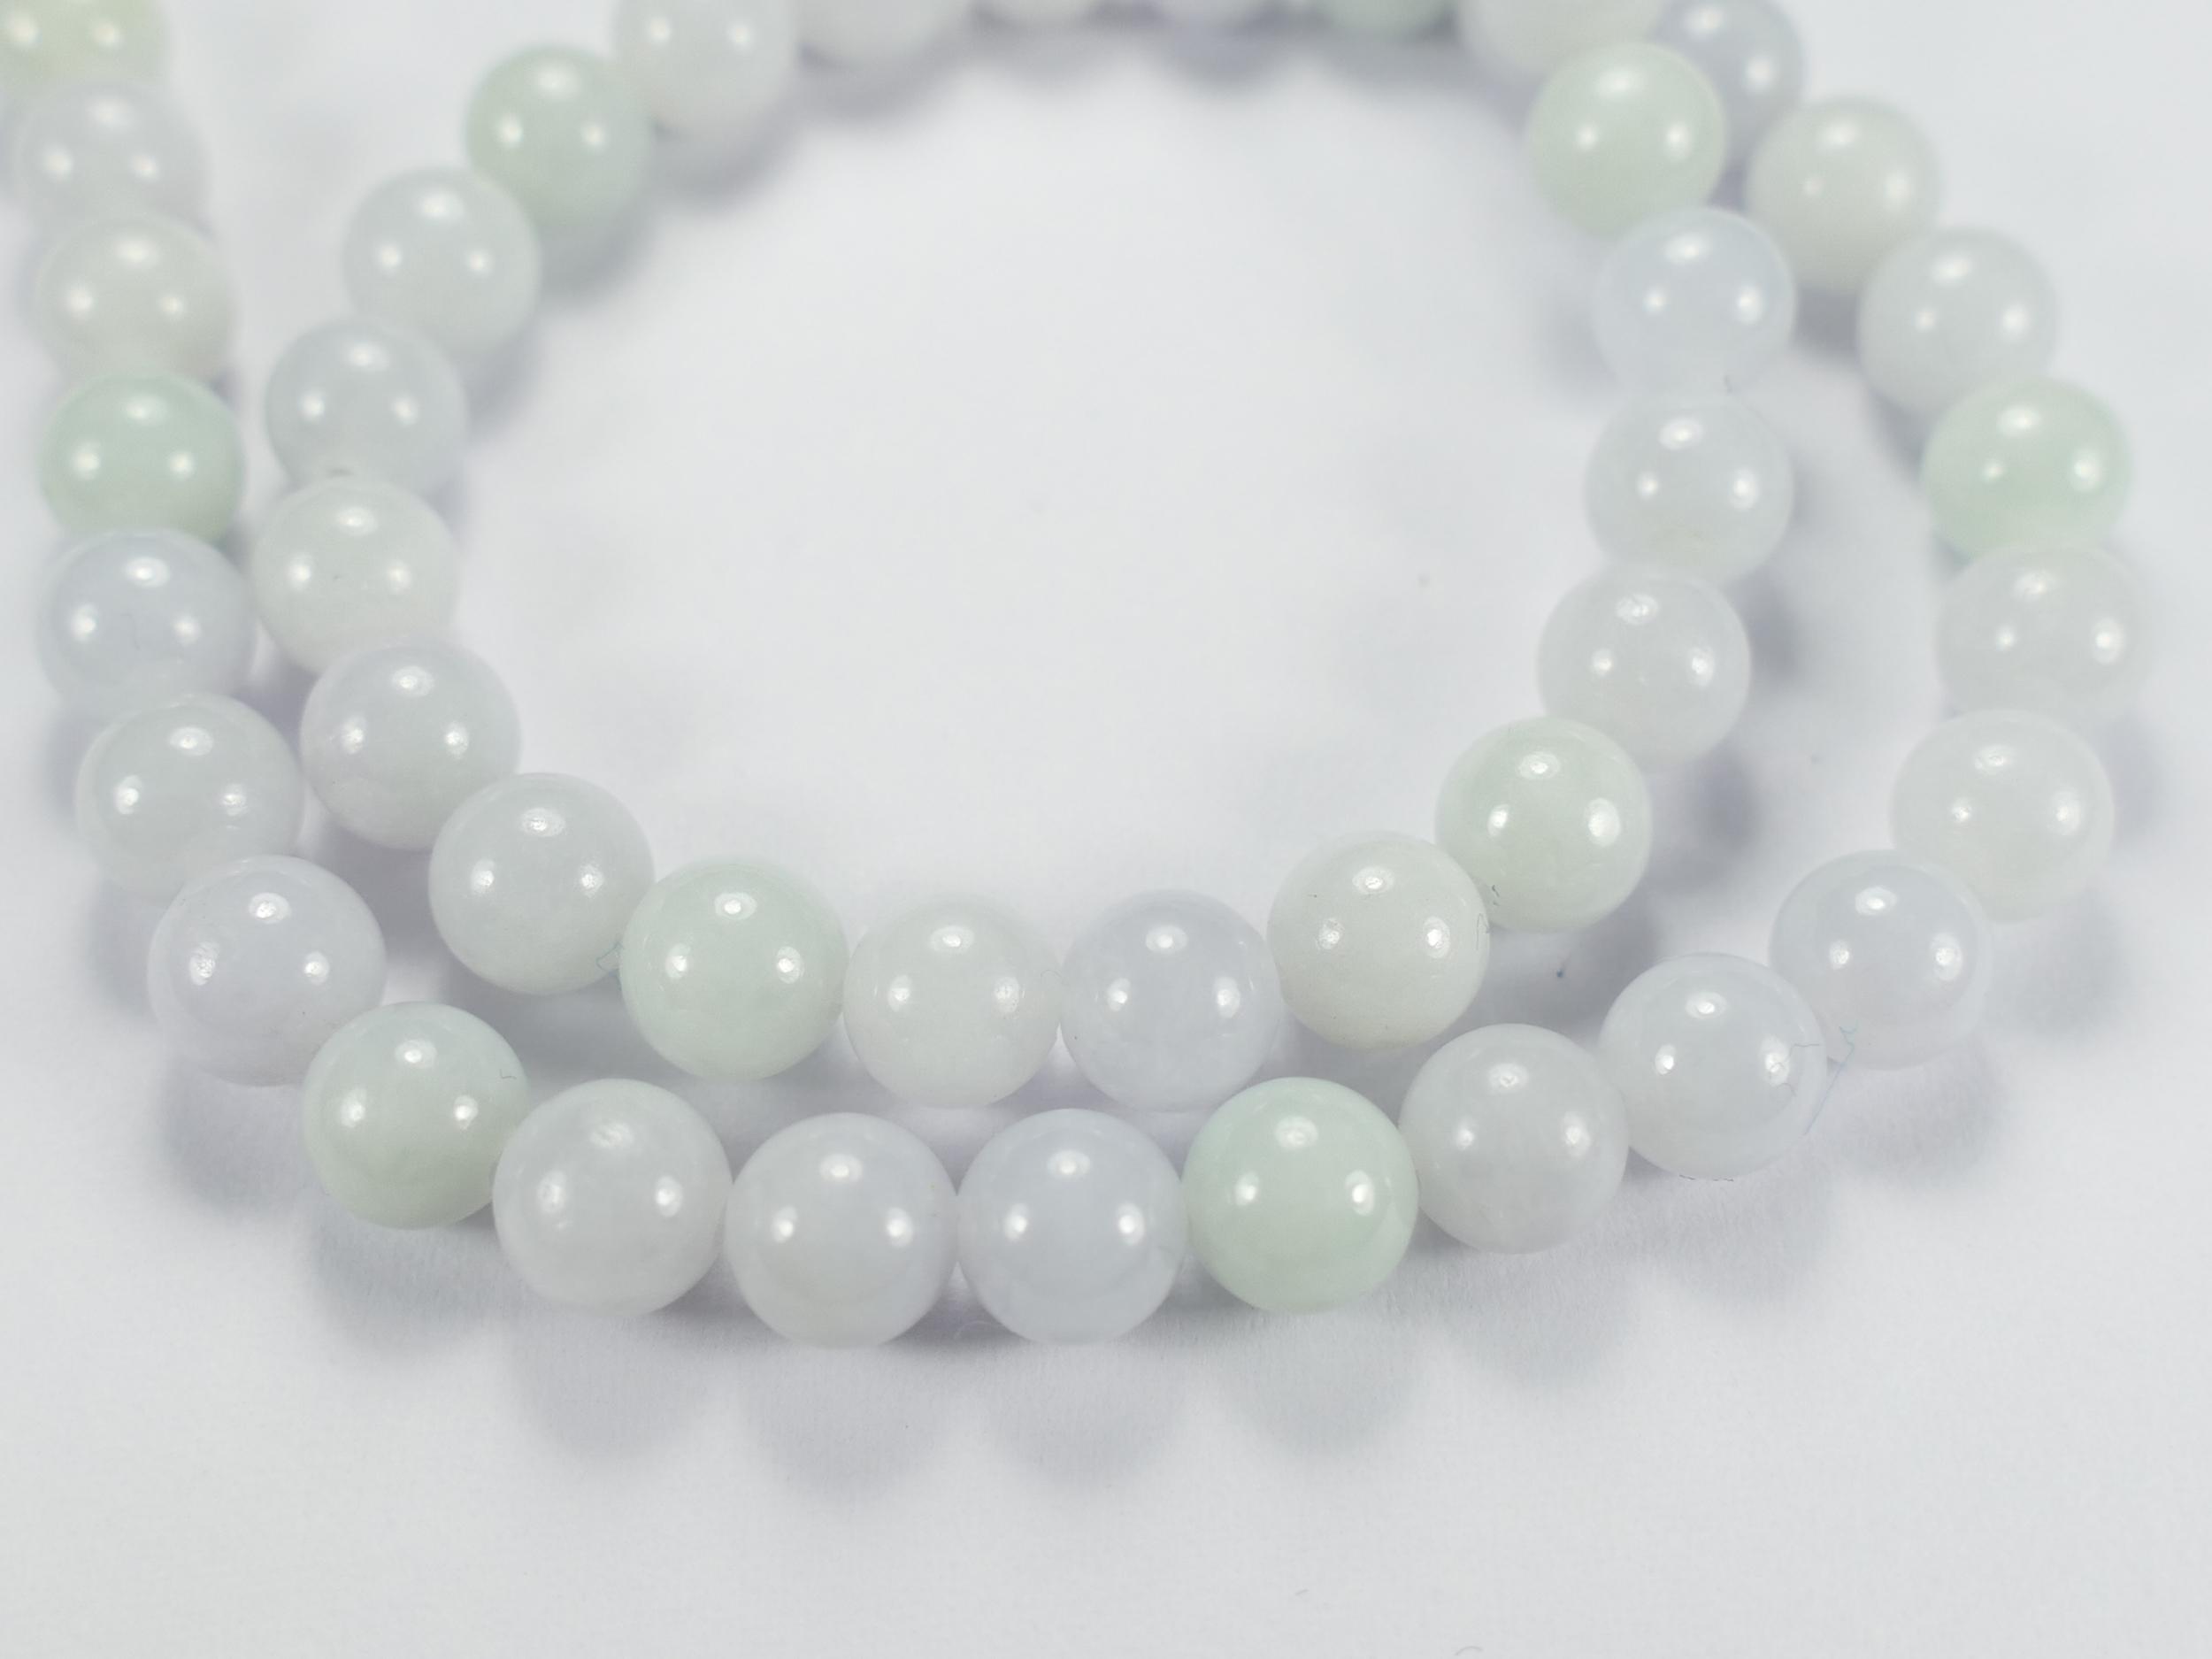 6.1mm x8 Perles de Jade jadéite naturel en boule / ronde de Birmanie Myanmar vert / lavande très léger (#AC731)